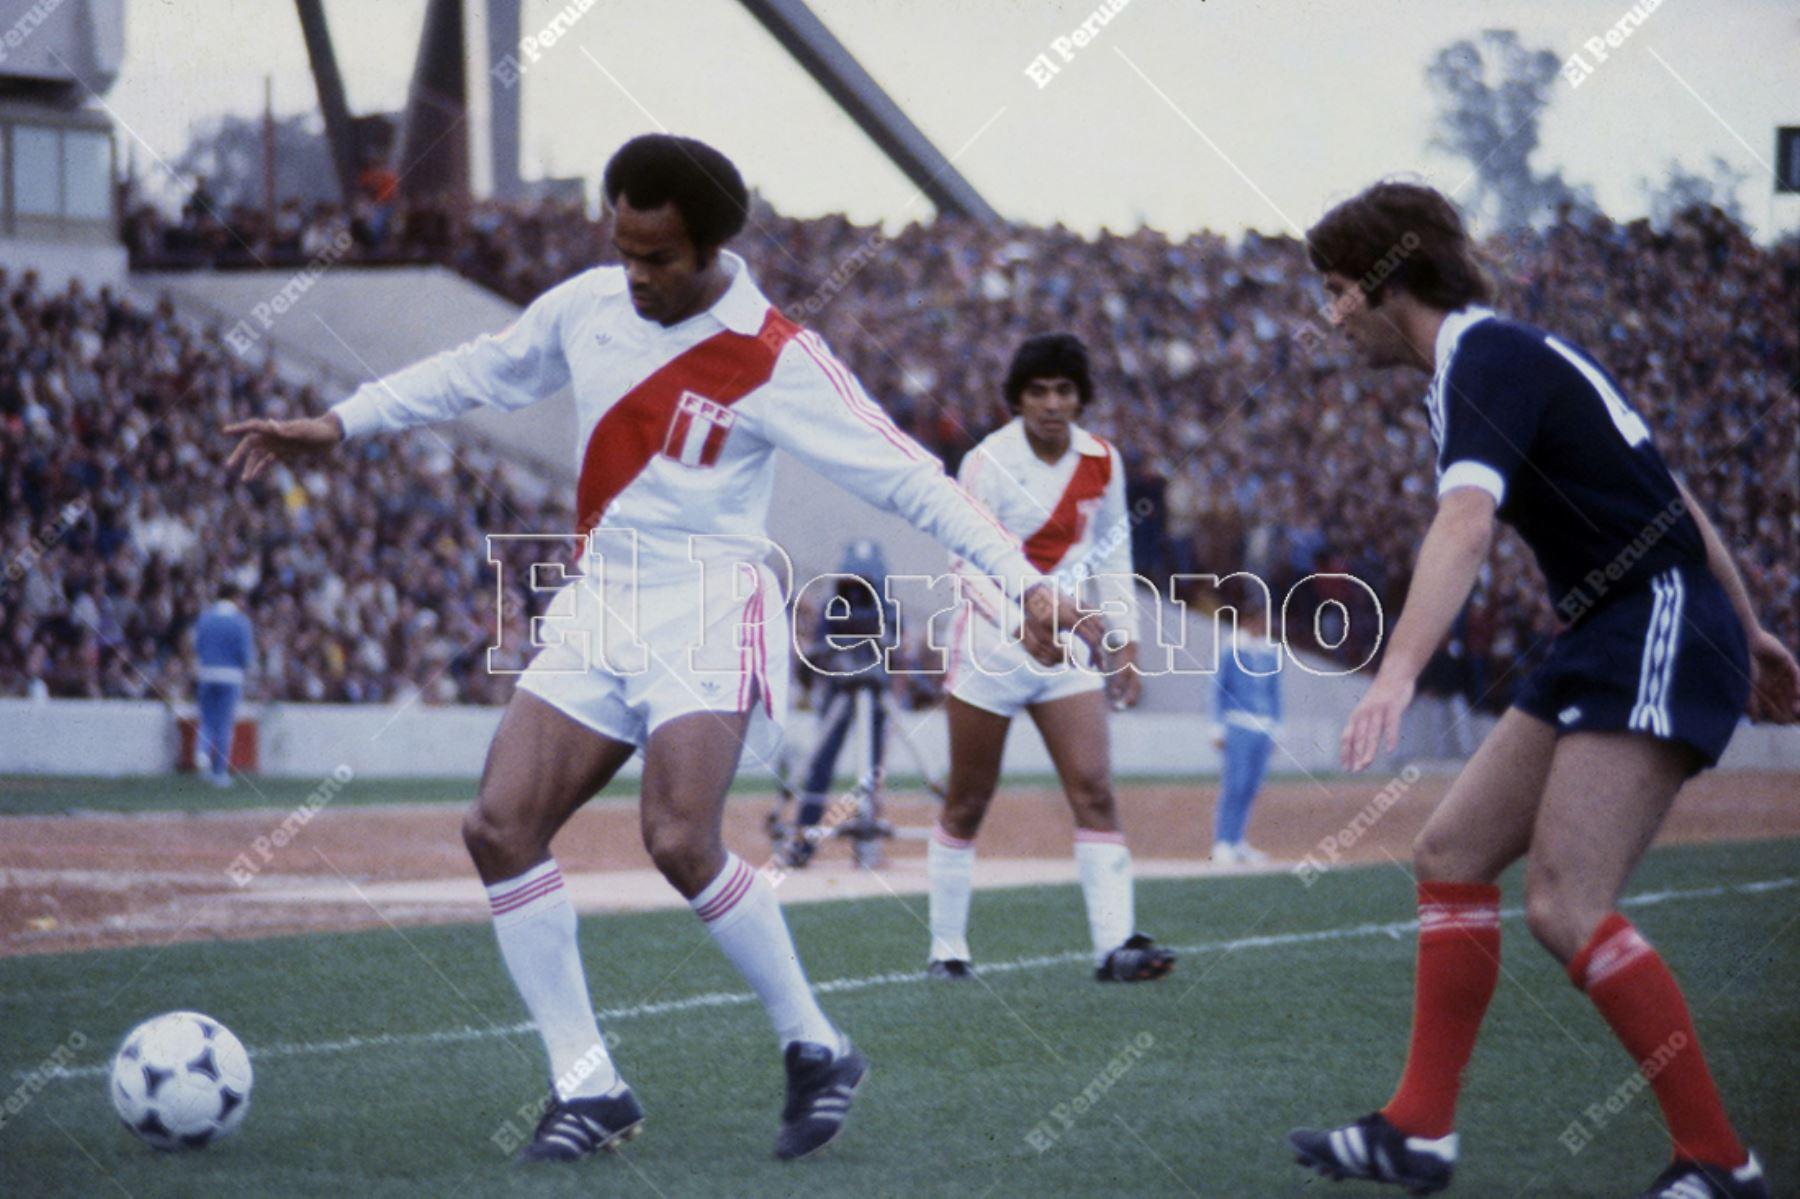 Argentina - 3 junio 1978 / Juan José Muñante intenta superar a un defensa rival. Perú venció 3-1 a Escocia por la primera fase del Mundial Argentina 78.  Foto: Archivo Histórico de El Peruano / Rolando Ángeles